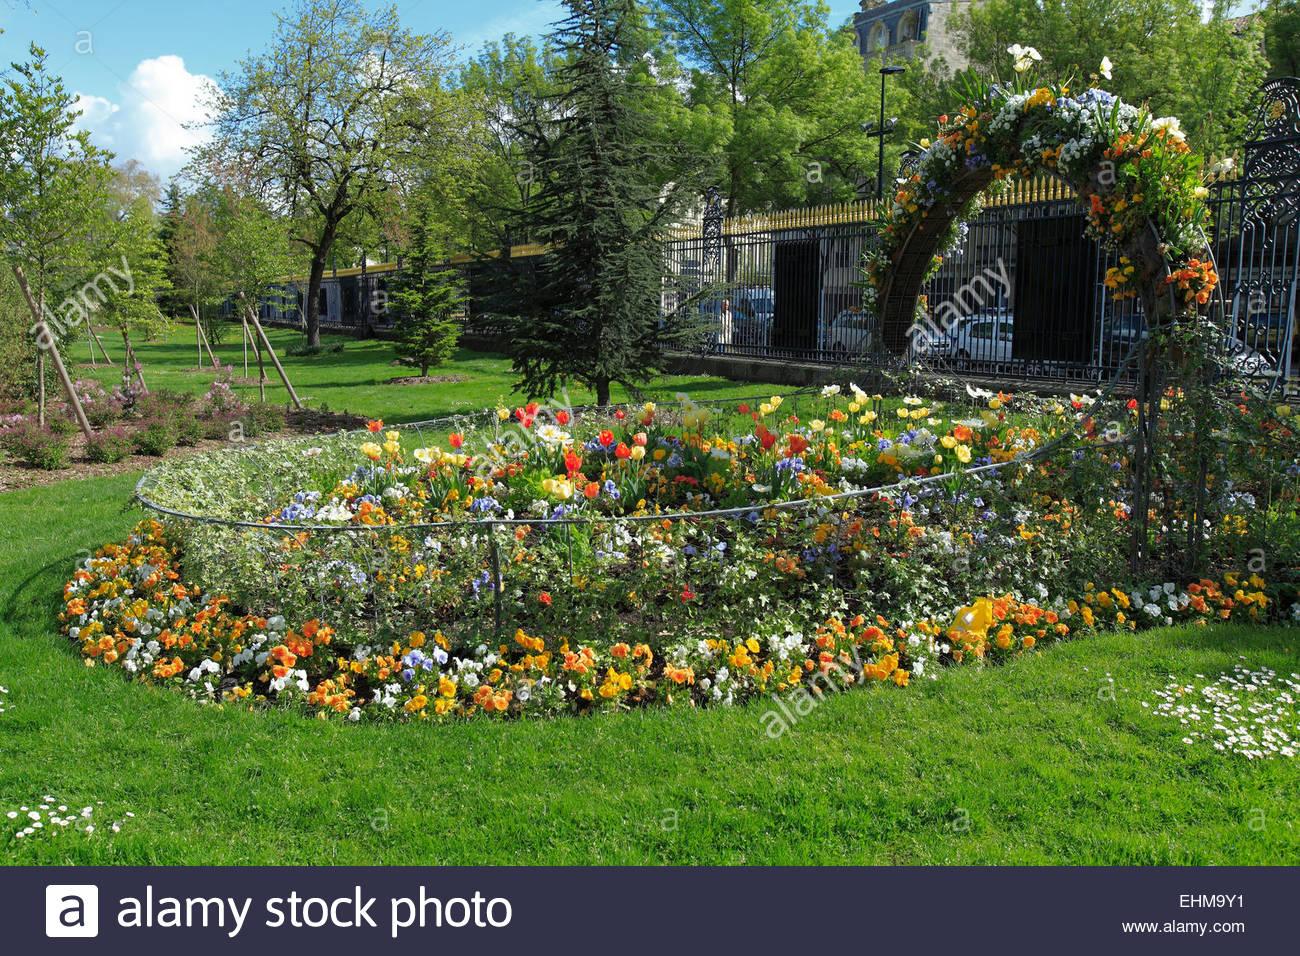 jardin botanique public botanic garden bordeaux france EHM9Y1